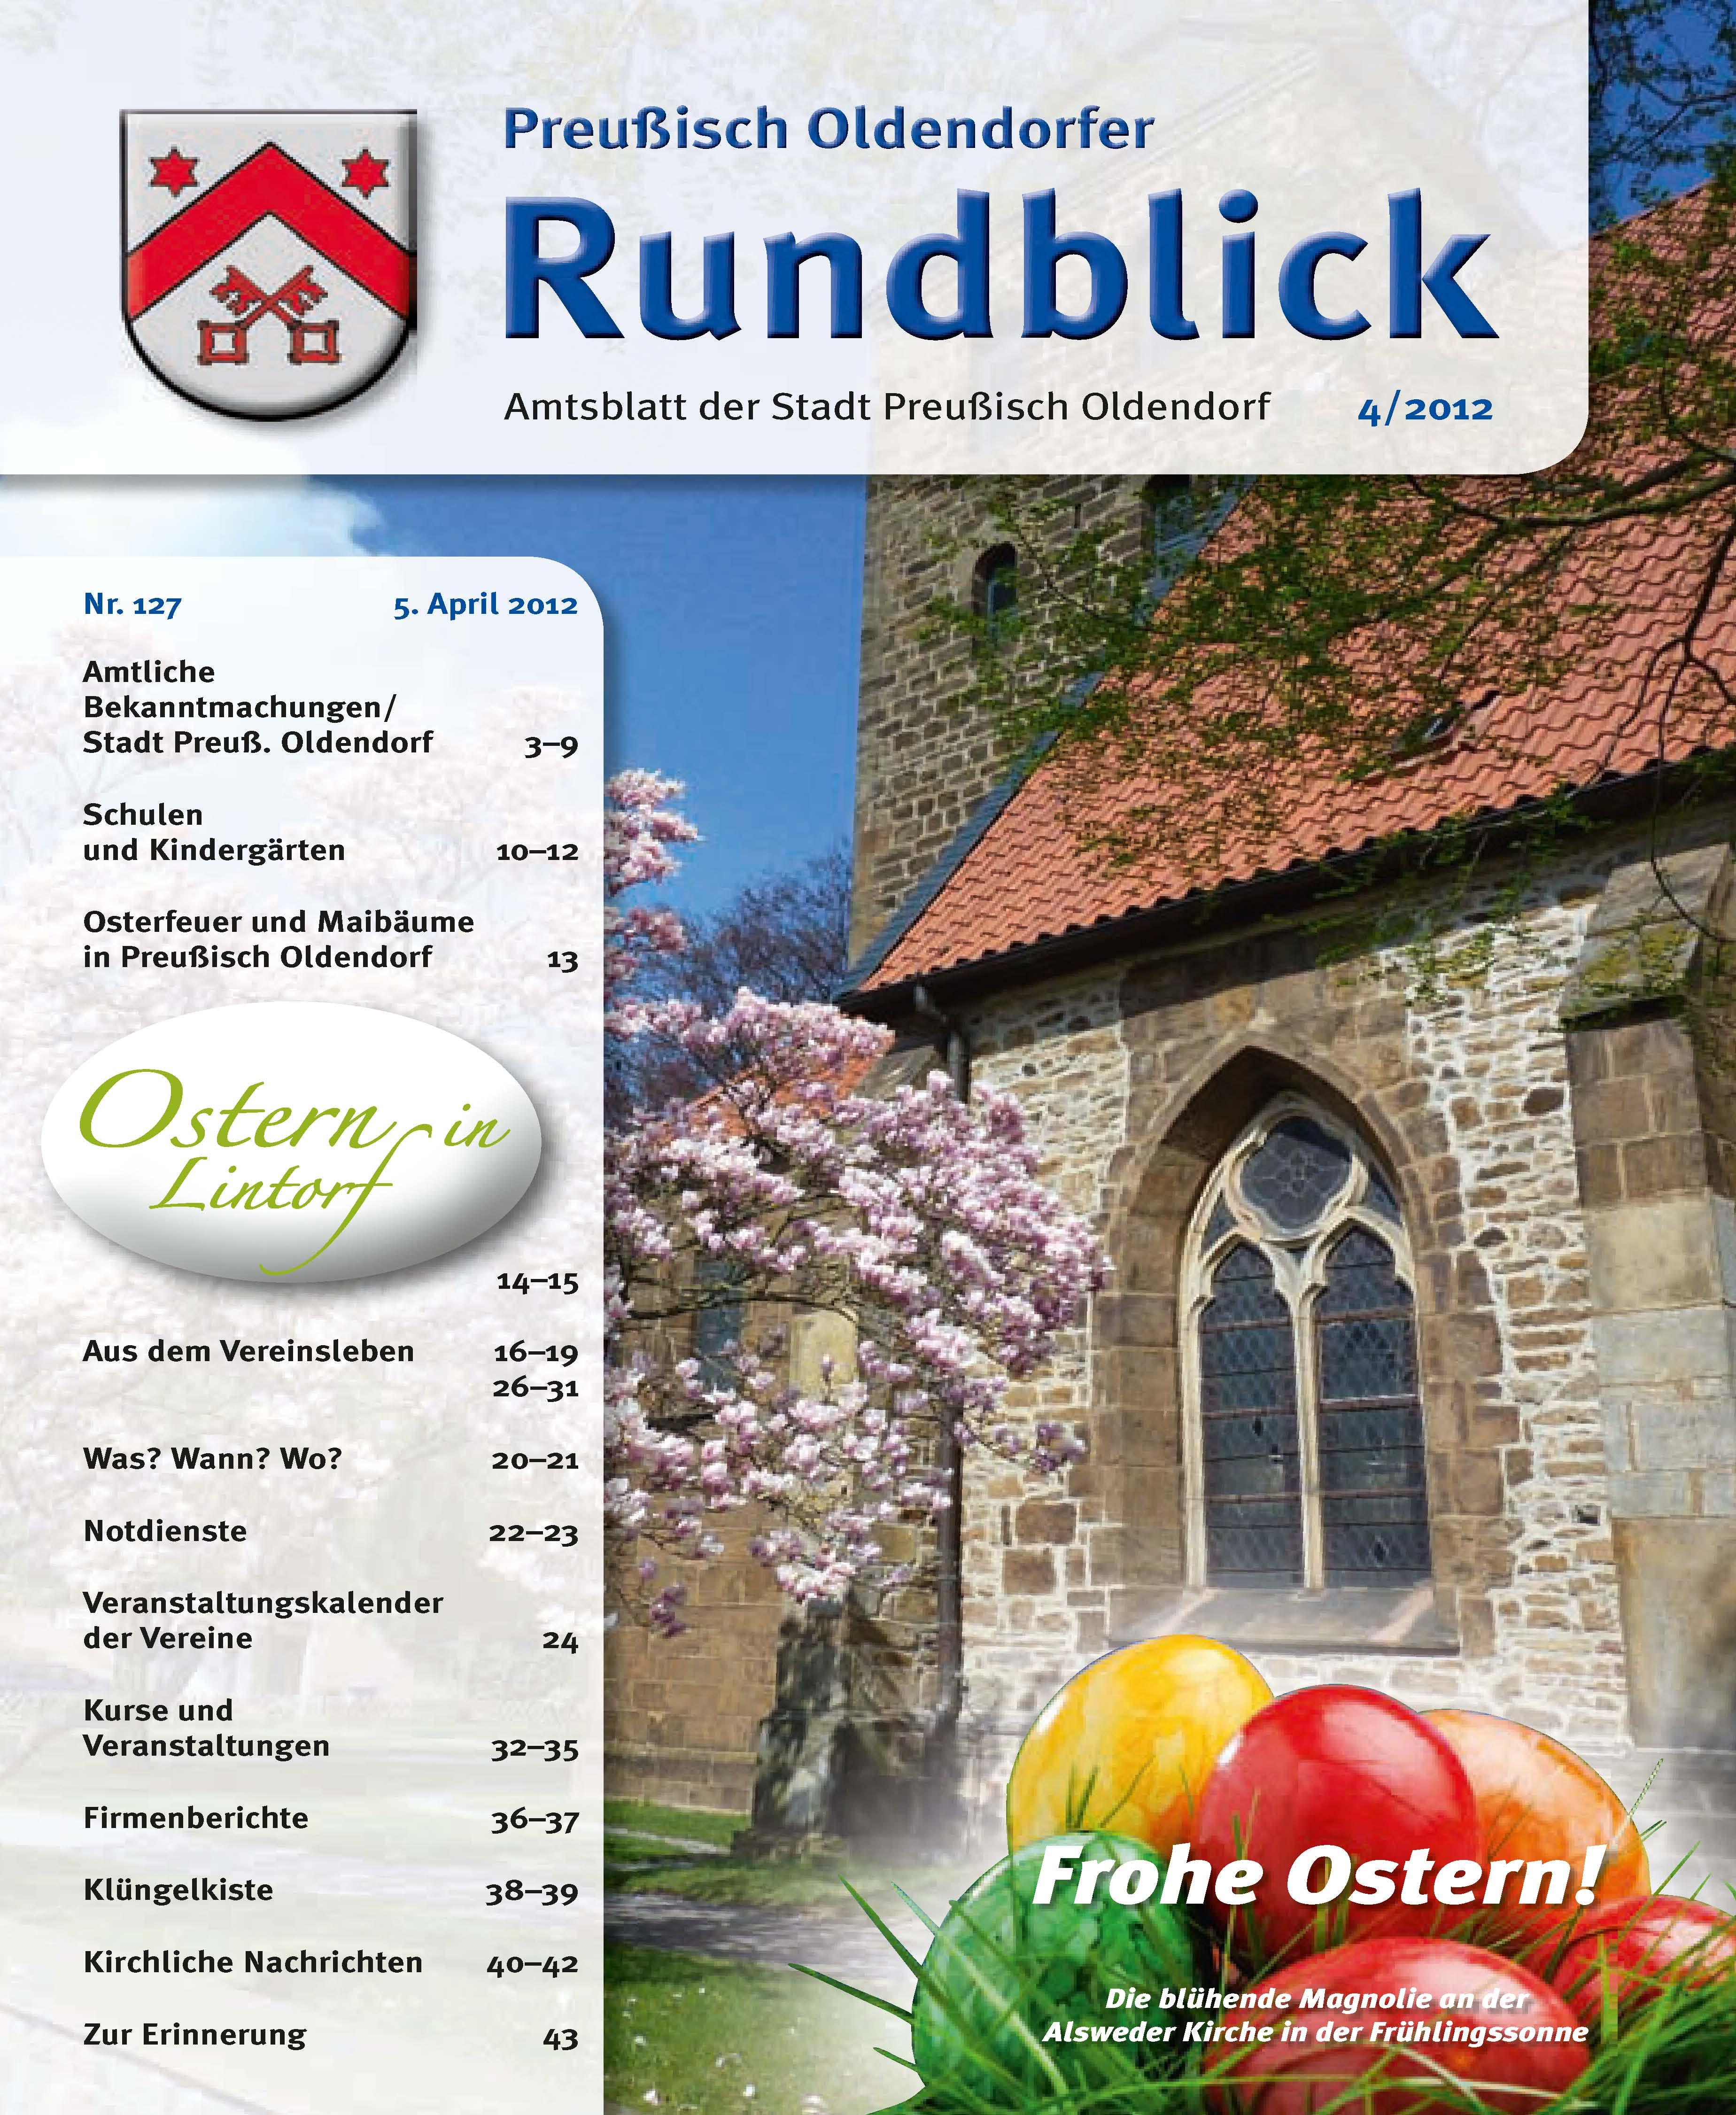 Rundblick 4-2012